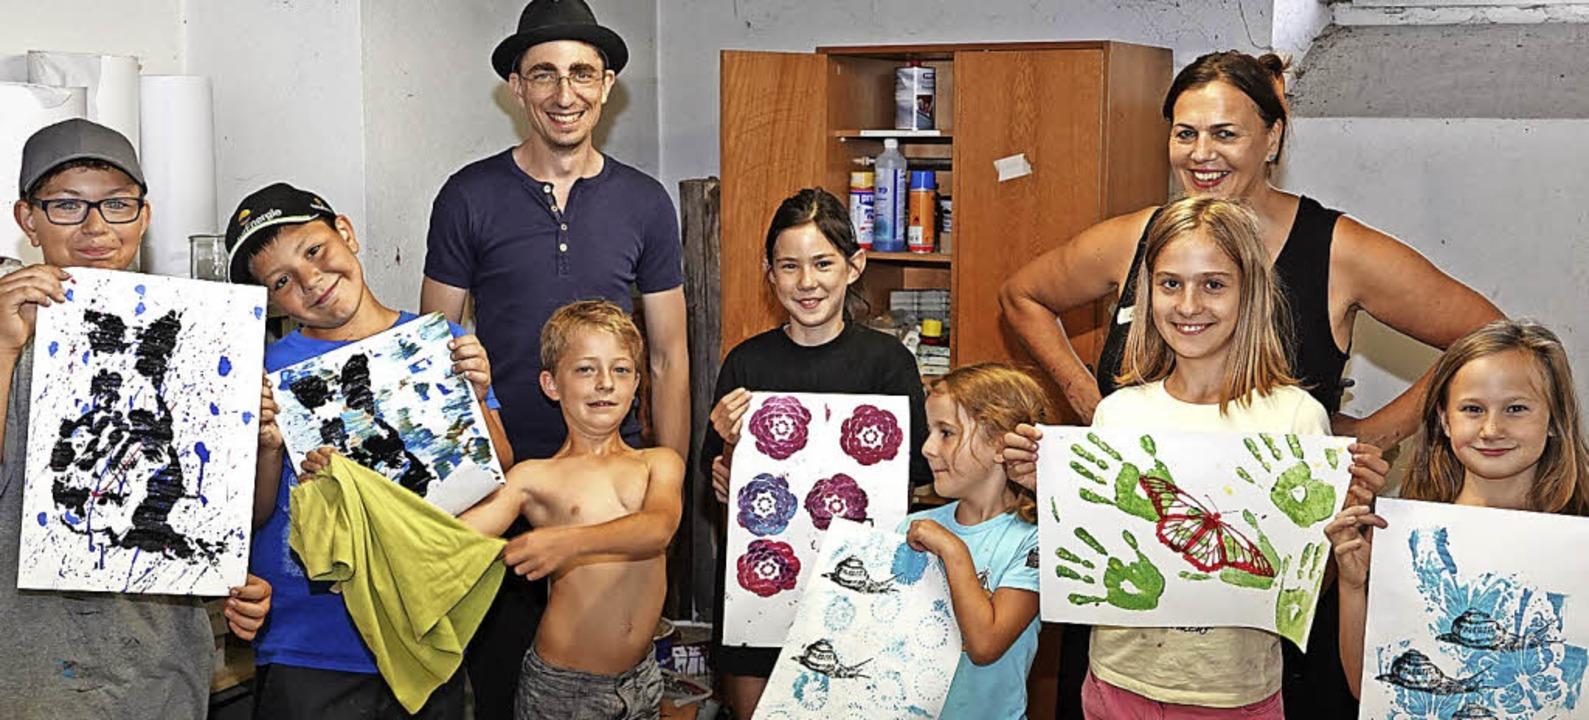 Acht Kids im Alter zwischen sieben und...übli stolz ihre farbenprächtigen Werke  | Foto: Hans-Jürgen Hege